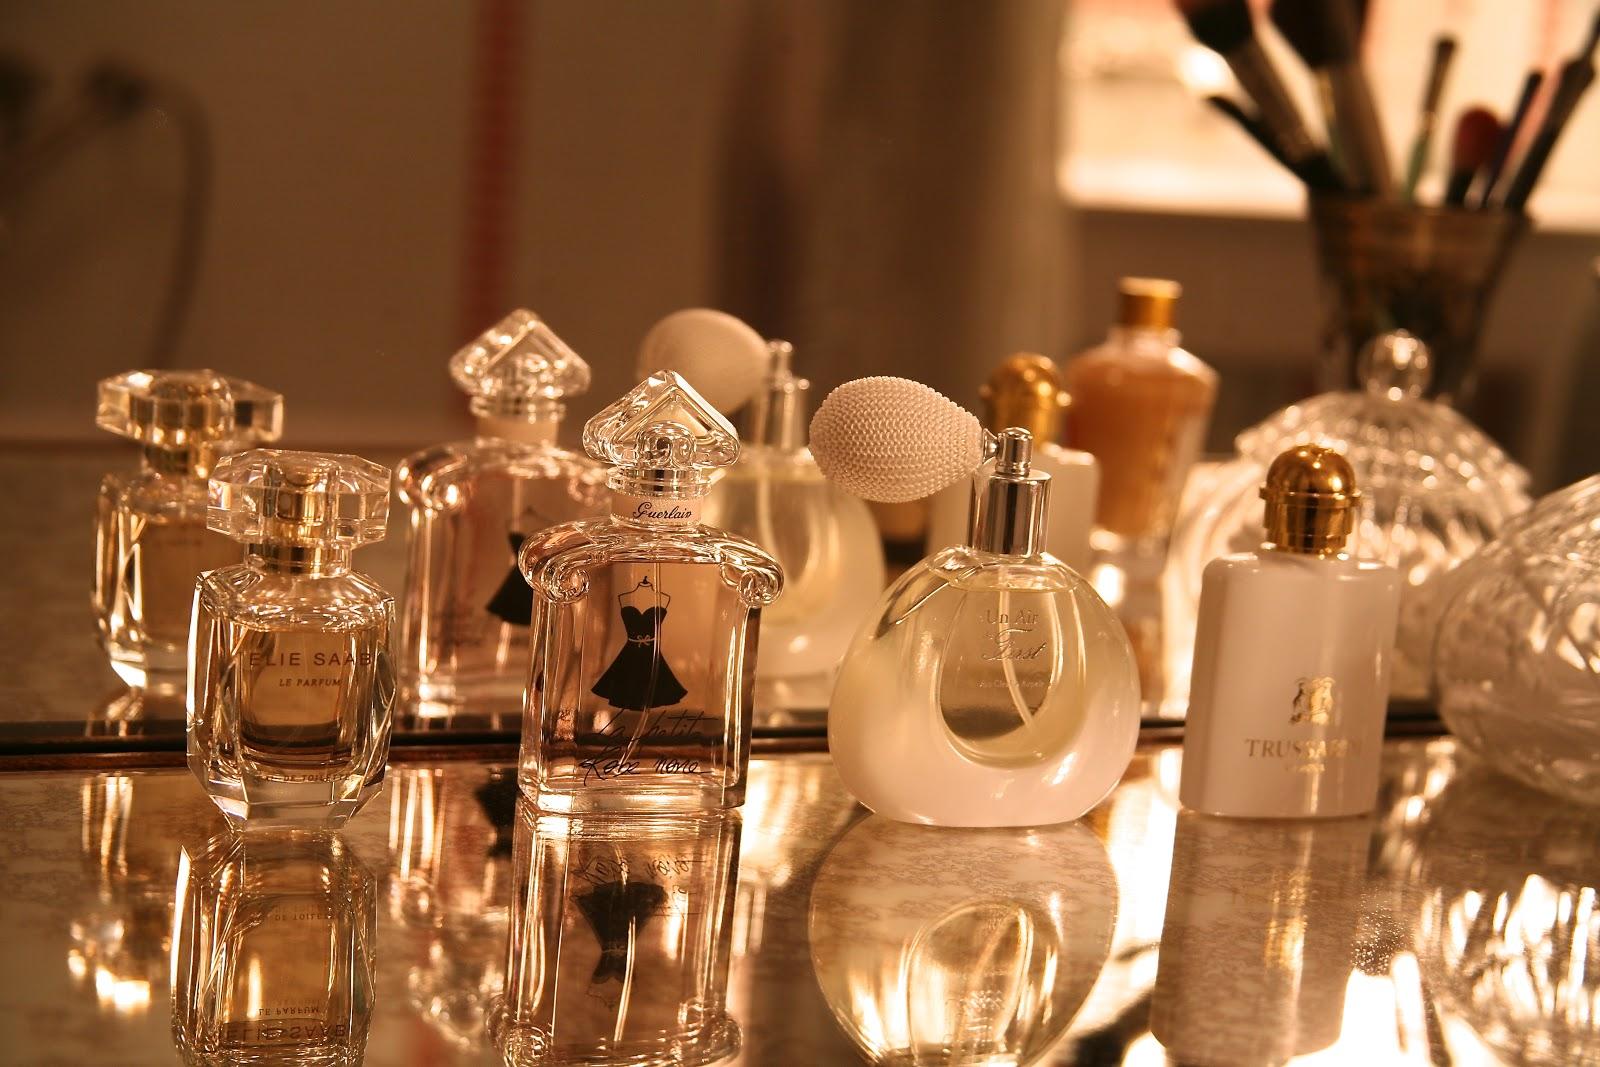 Фотографии парфюмерии высокого качества